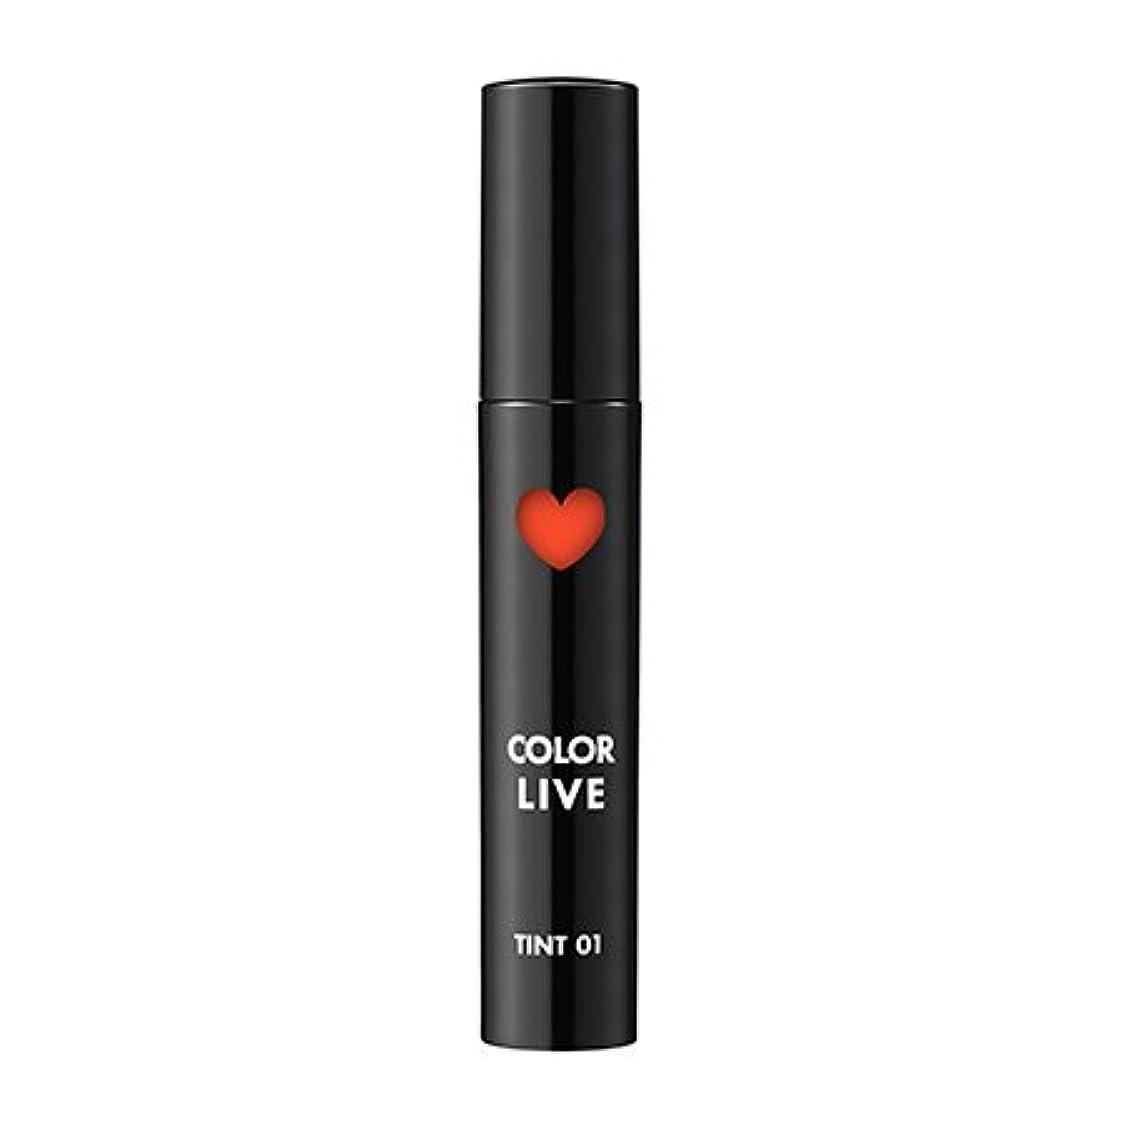 場合たっぷりミスペンドARITAUM Color Live Tint アリタウム カラーライブティント (#04 Blush Red) [並行輸入品]